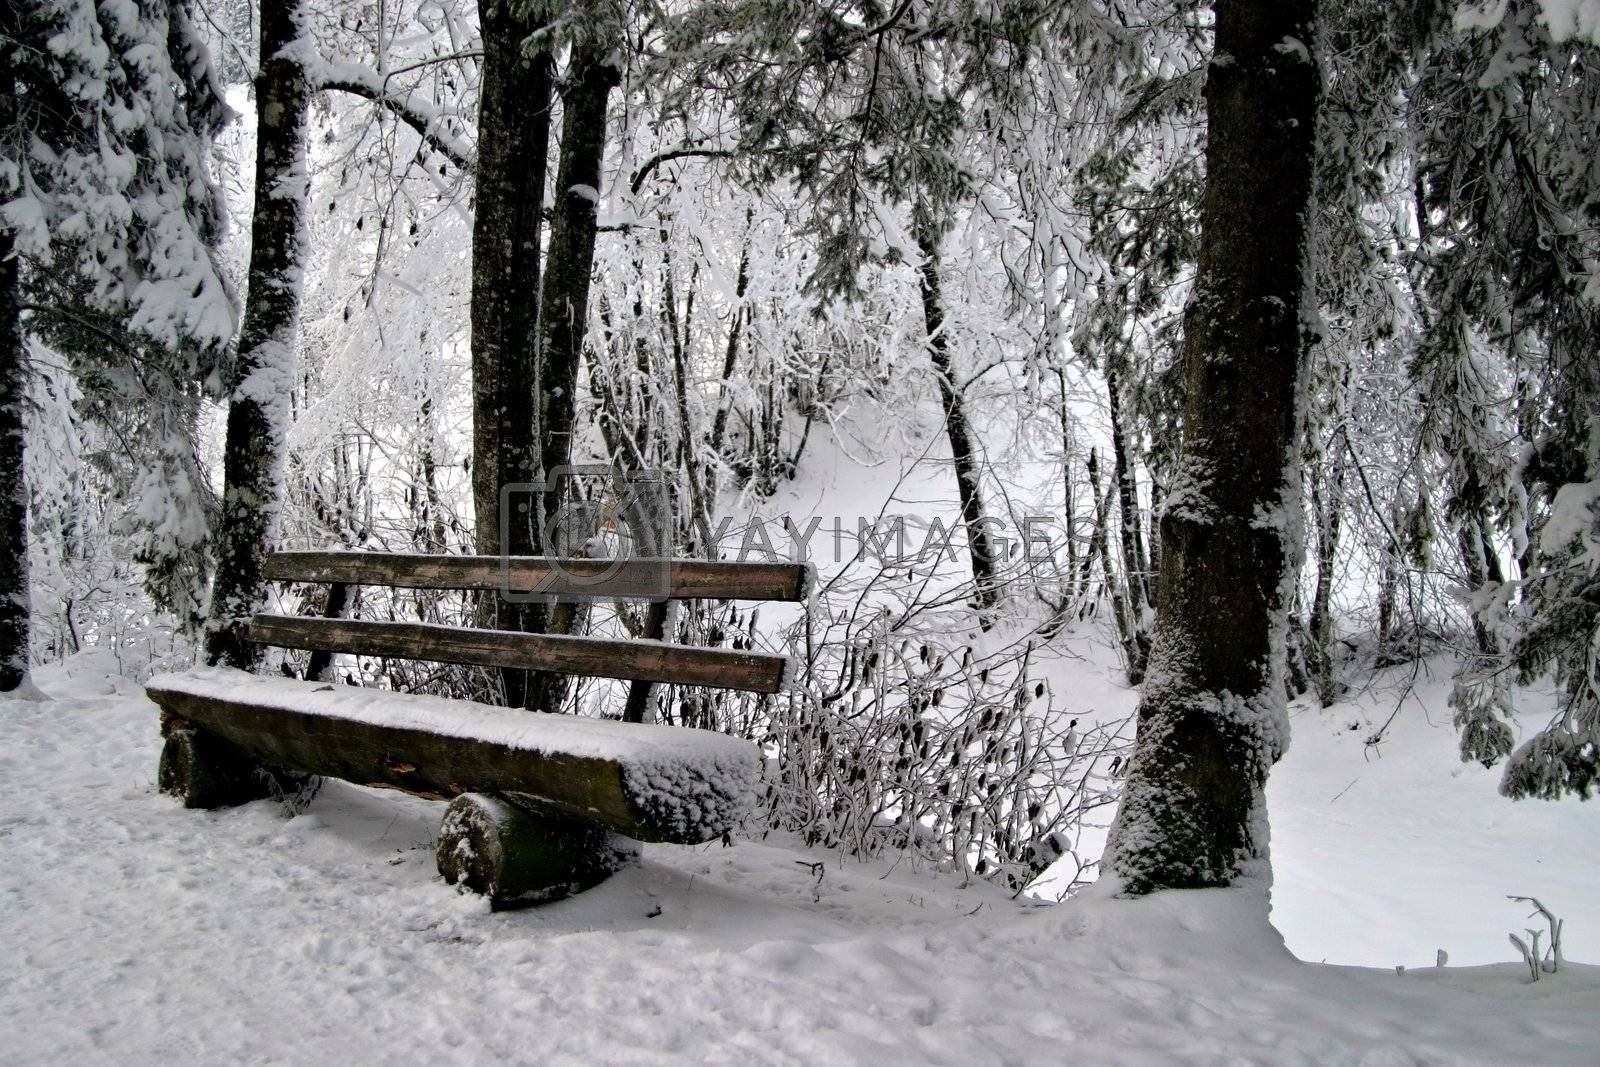 Woonden bench in snow